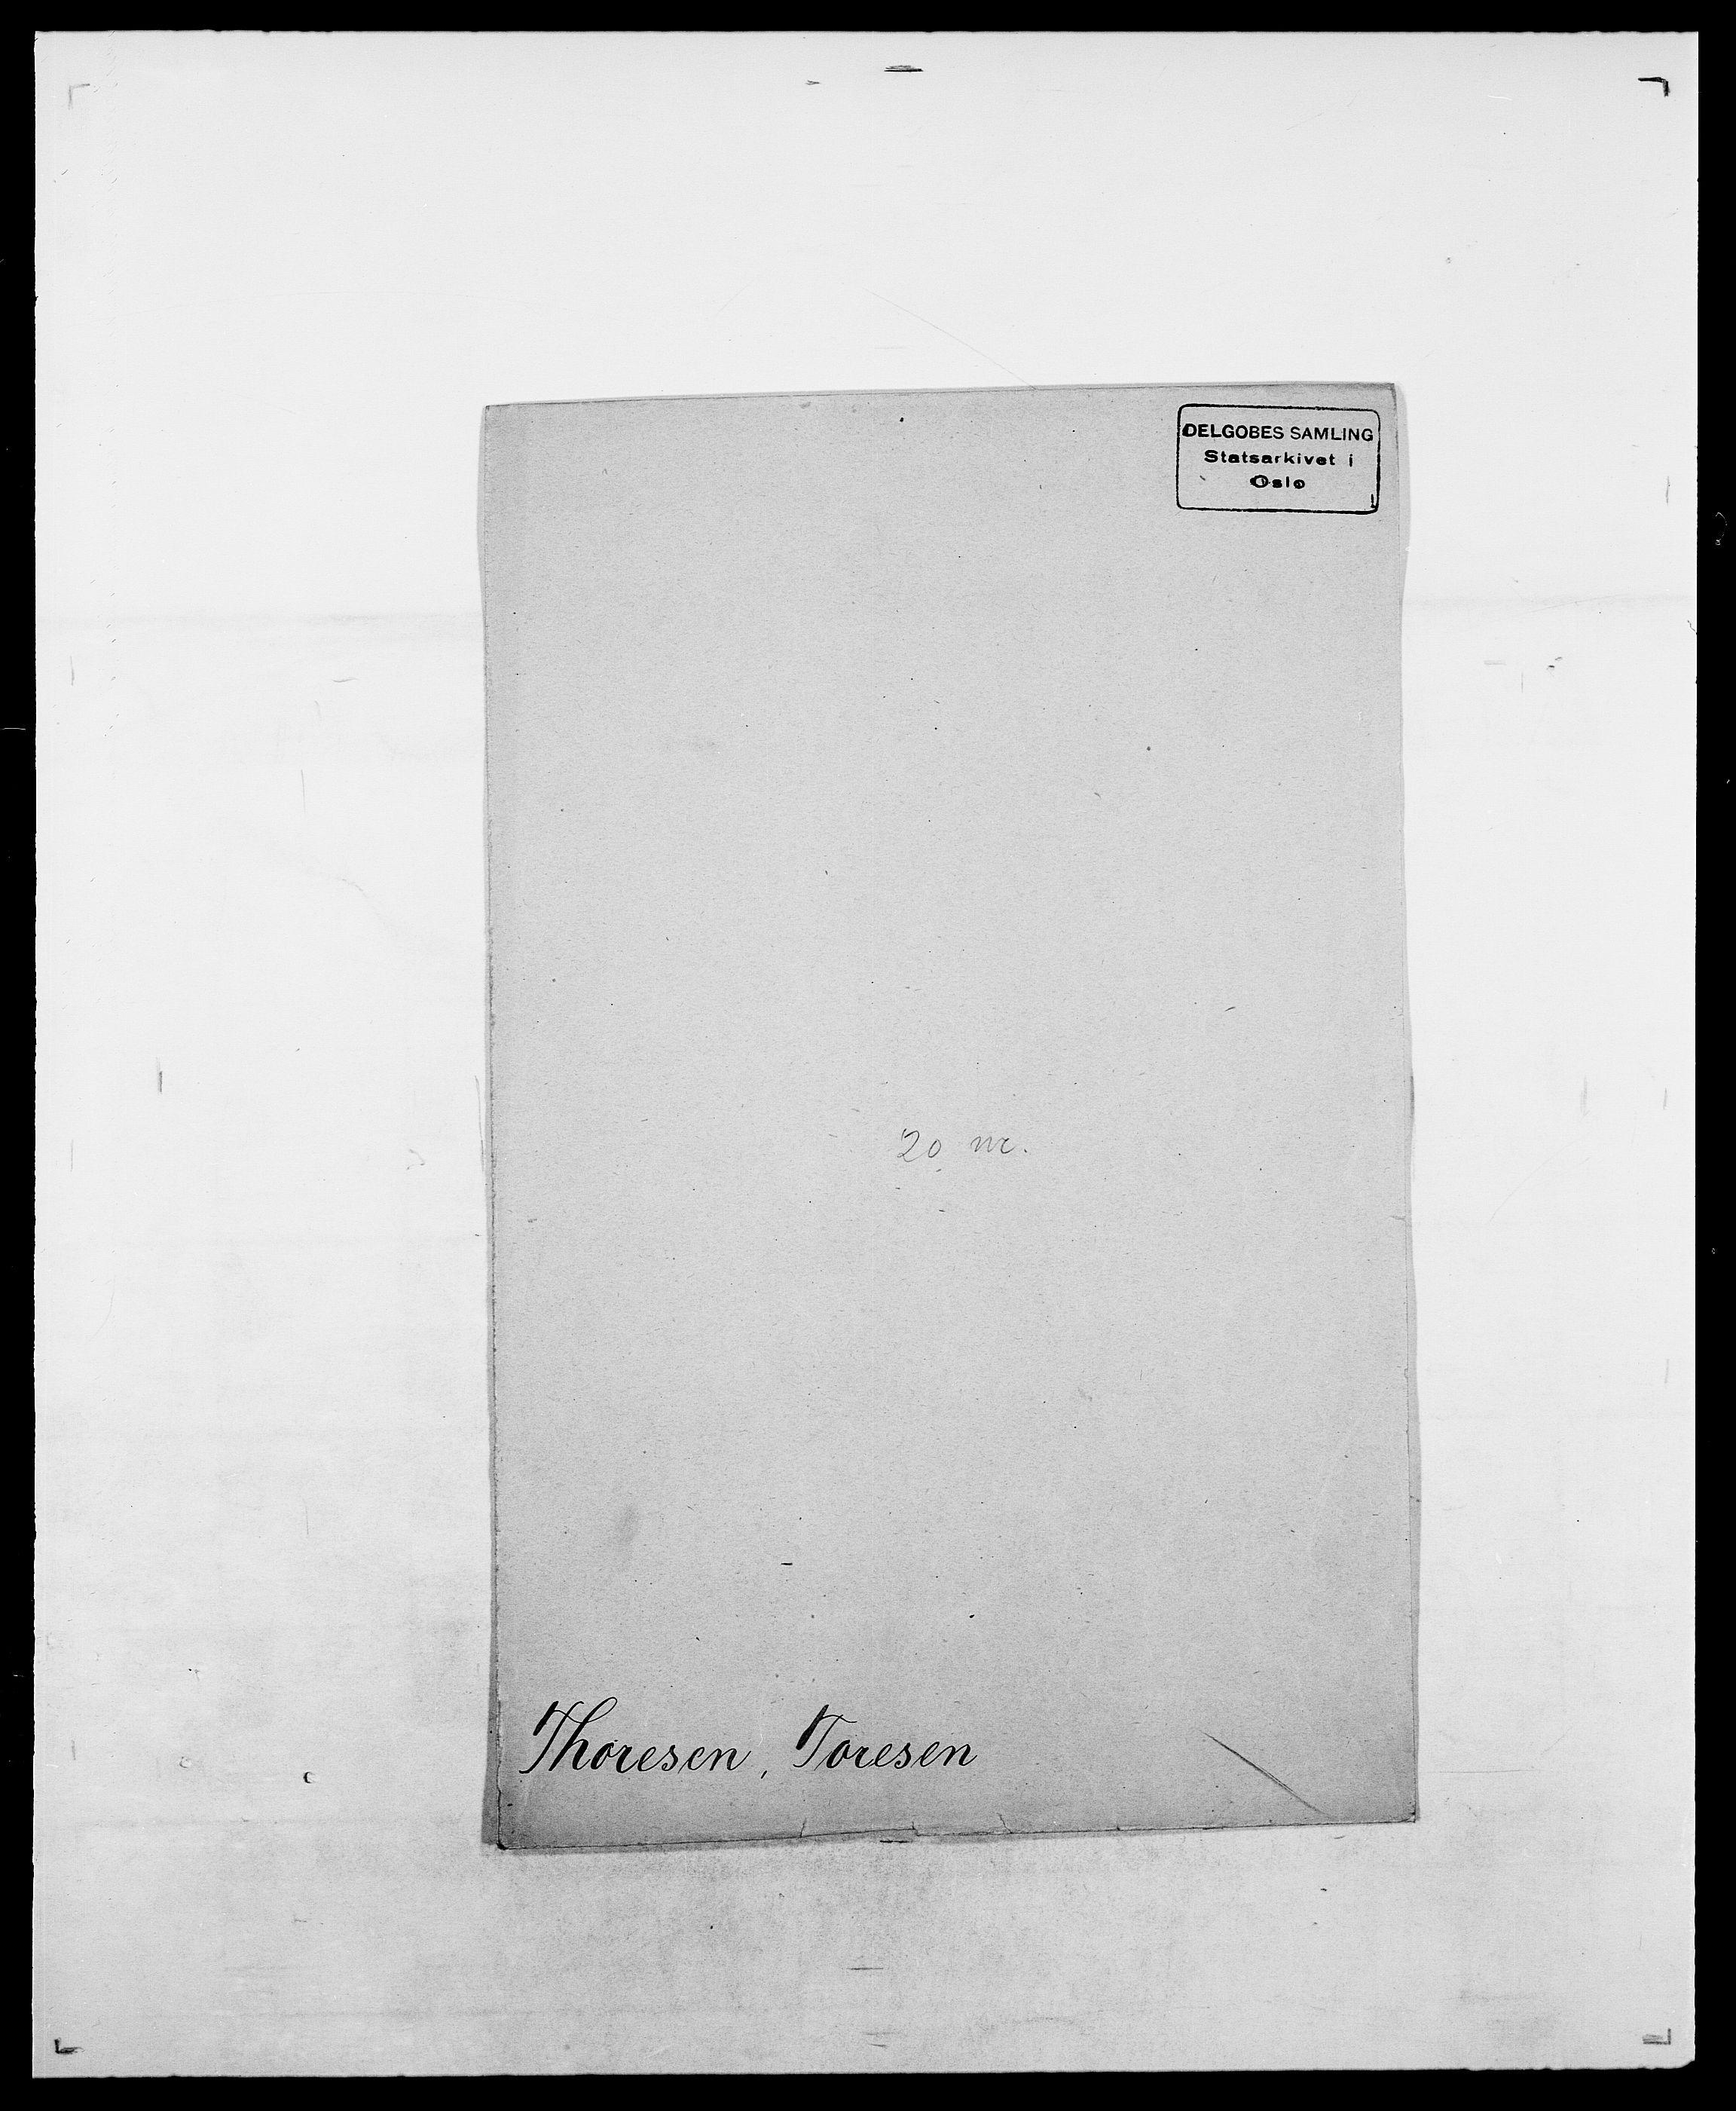 SAO, Delgobe, Charles Antoine - samling, D/Da/L0038: Svanenskjold - Thornsohn, s. 842